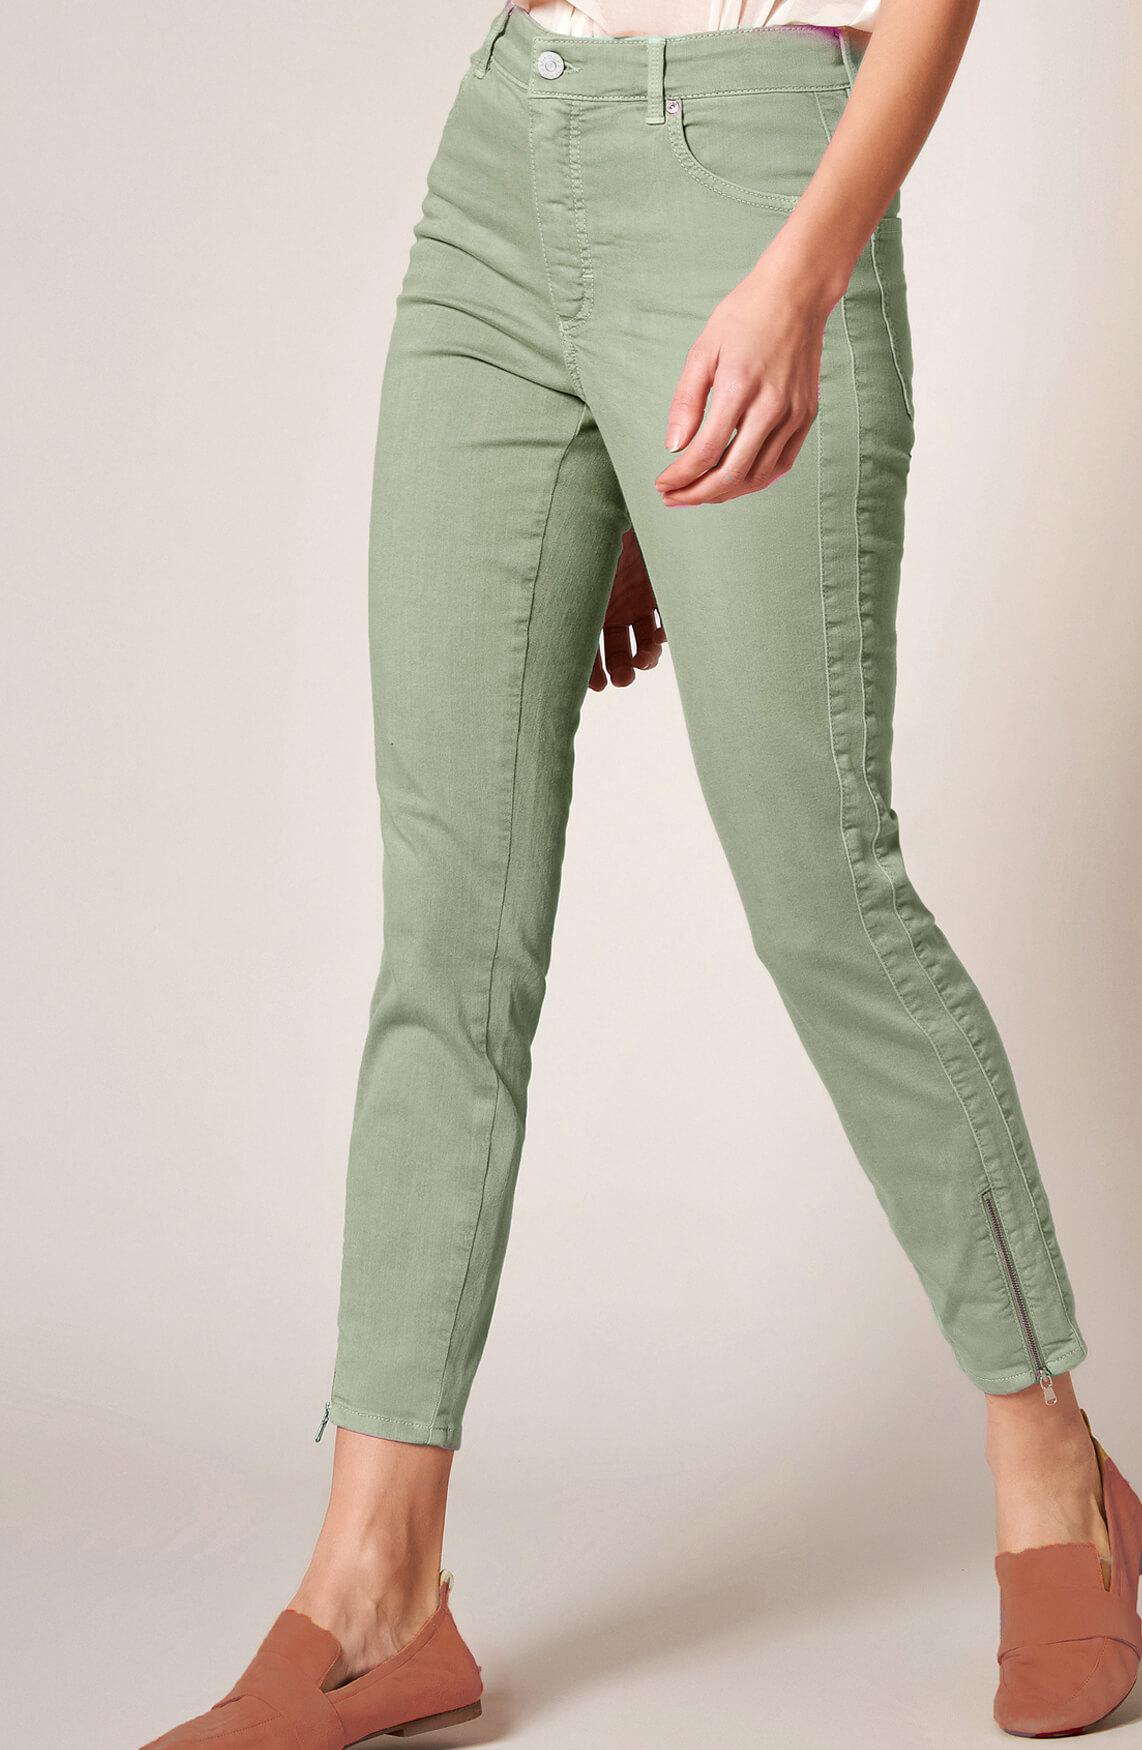 Rosner Dames Audrey jeans met rits groen